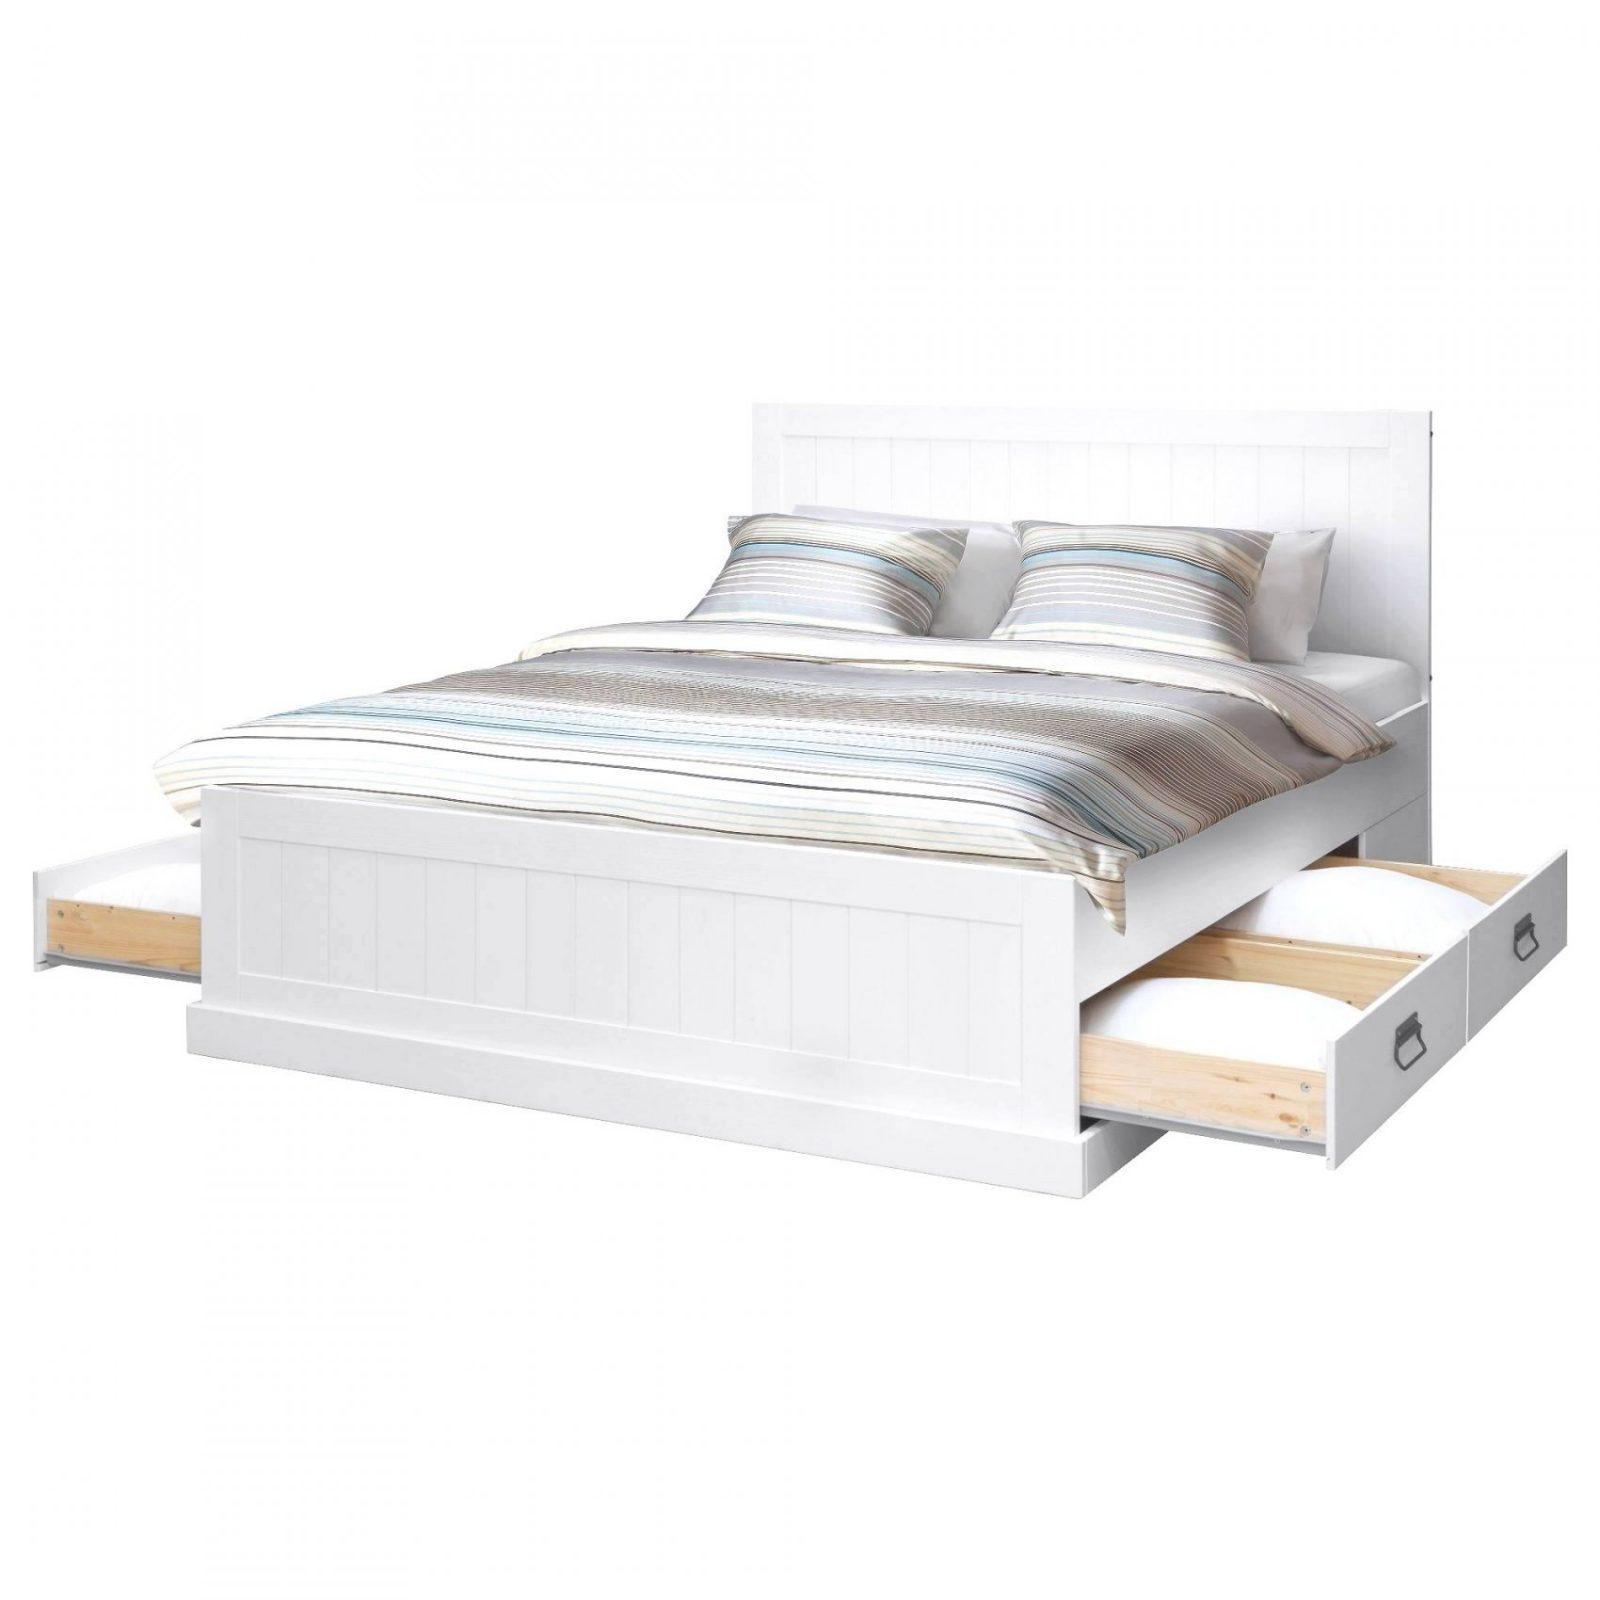 Ikea Betten 120×200 Schön 120 200 Frisch Sehr Gehend Od Throughout von Bett 120X200 Mit Schubladen Bild